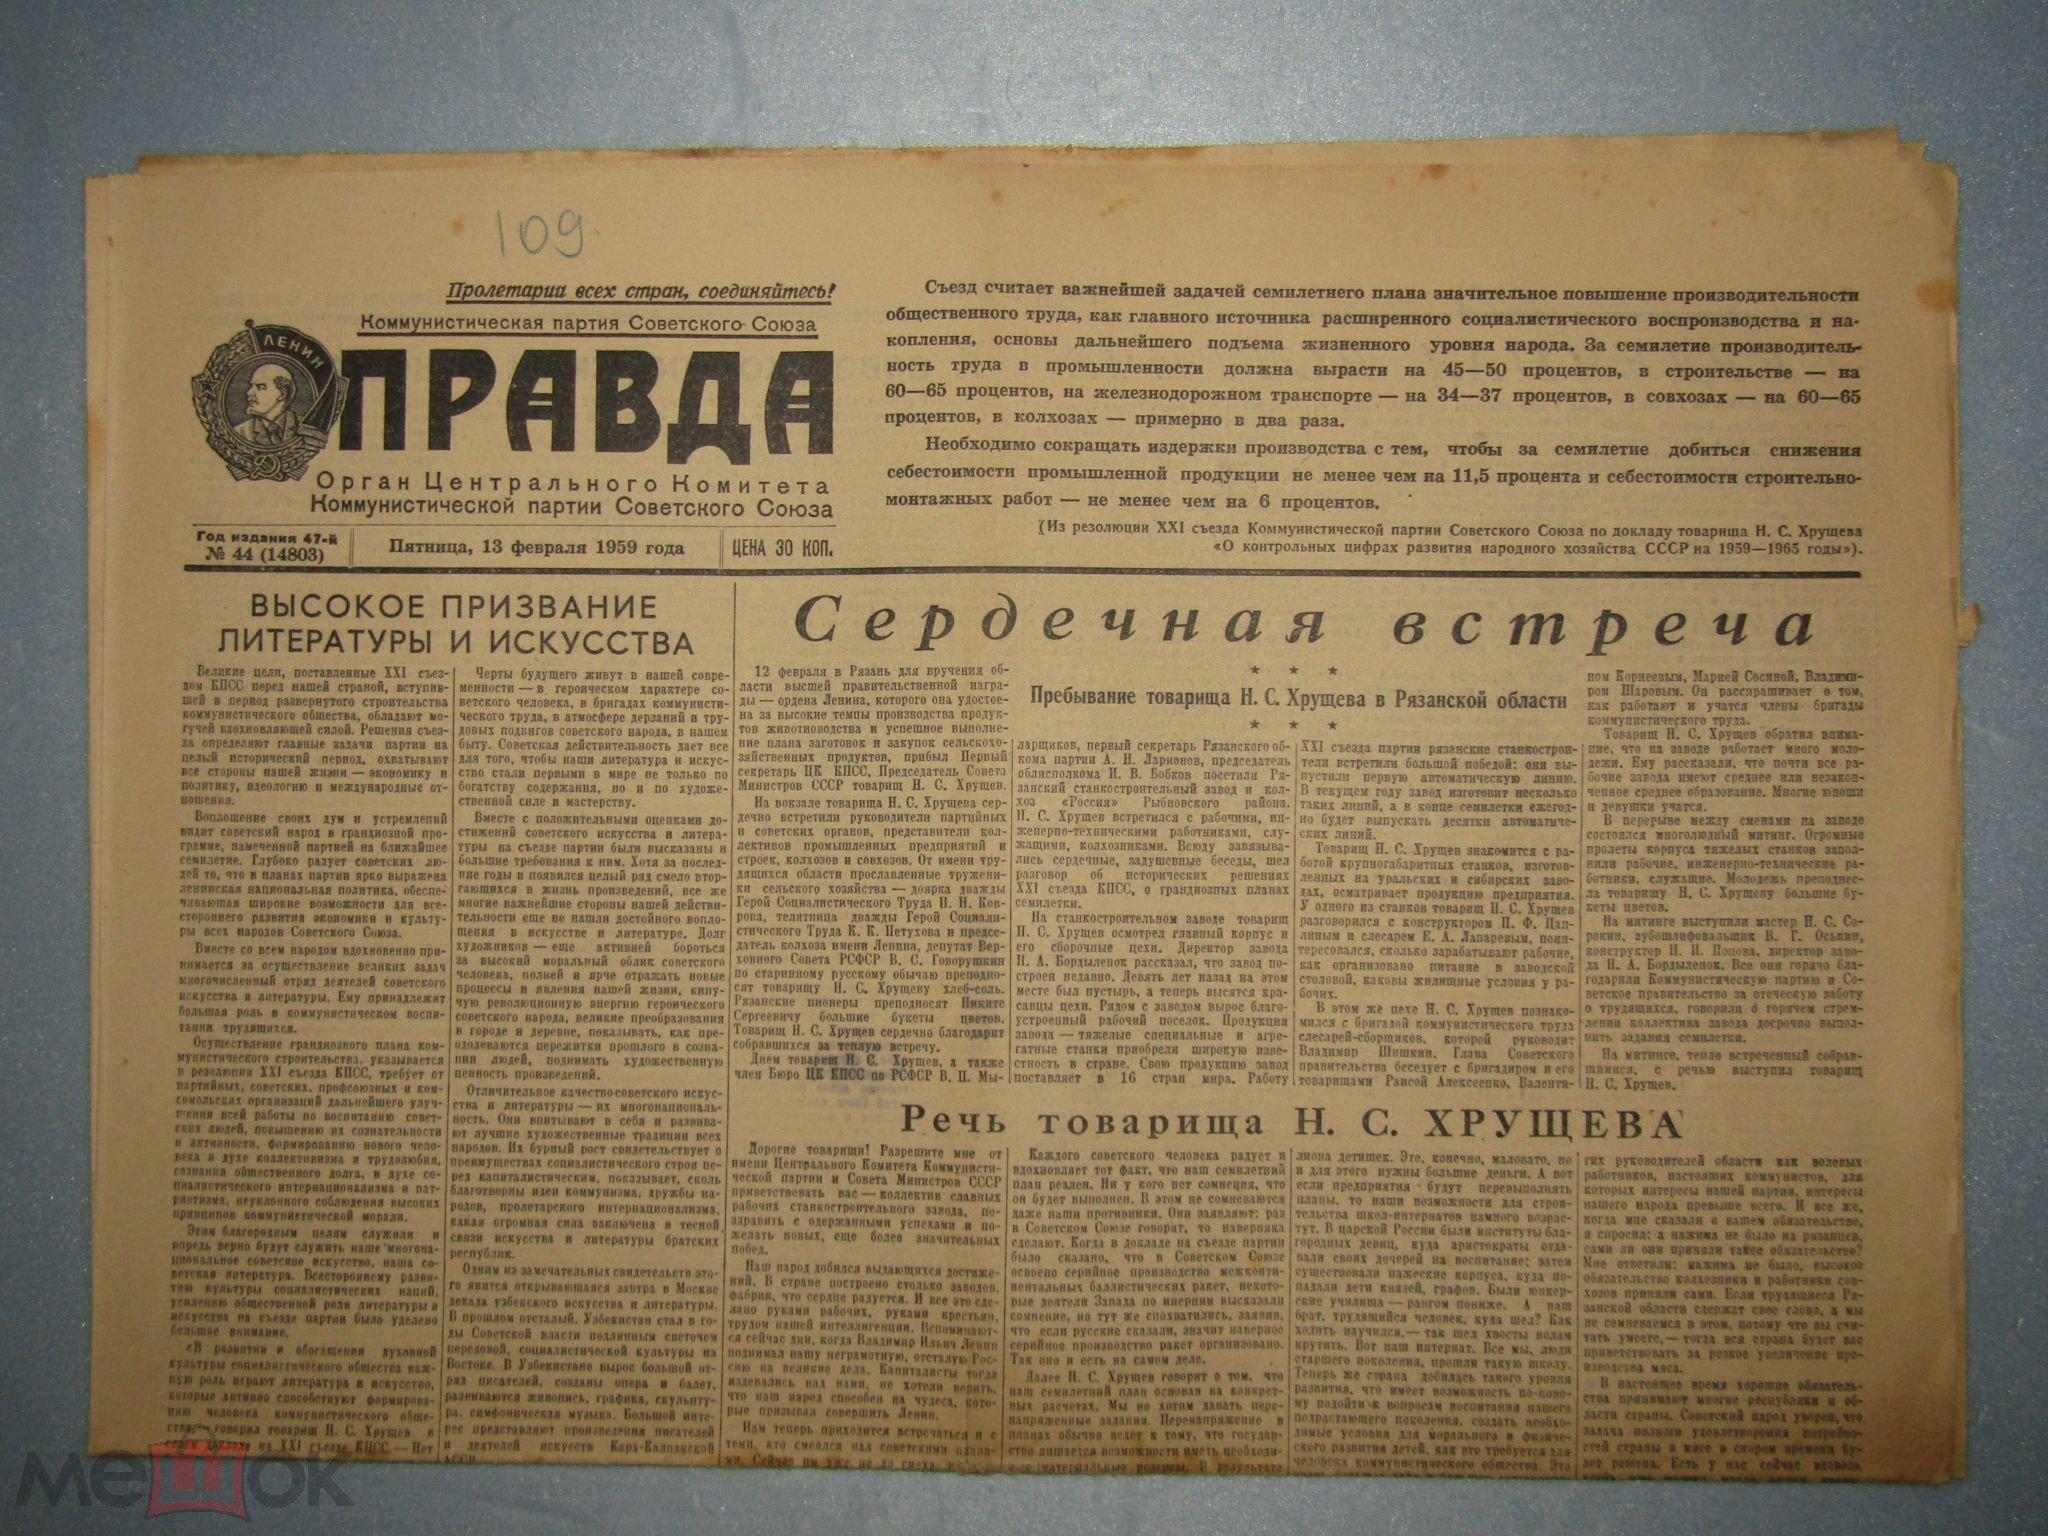 c9dc15c6bb98 Газета Правда  14803 №44, 13 февраля 1959 • Пребывание Хрущева в Рязанской  области